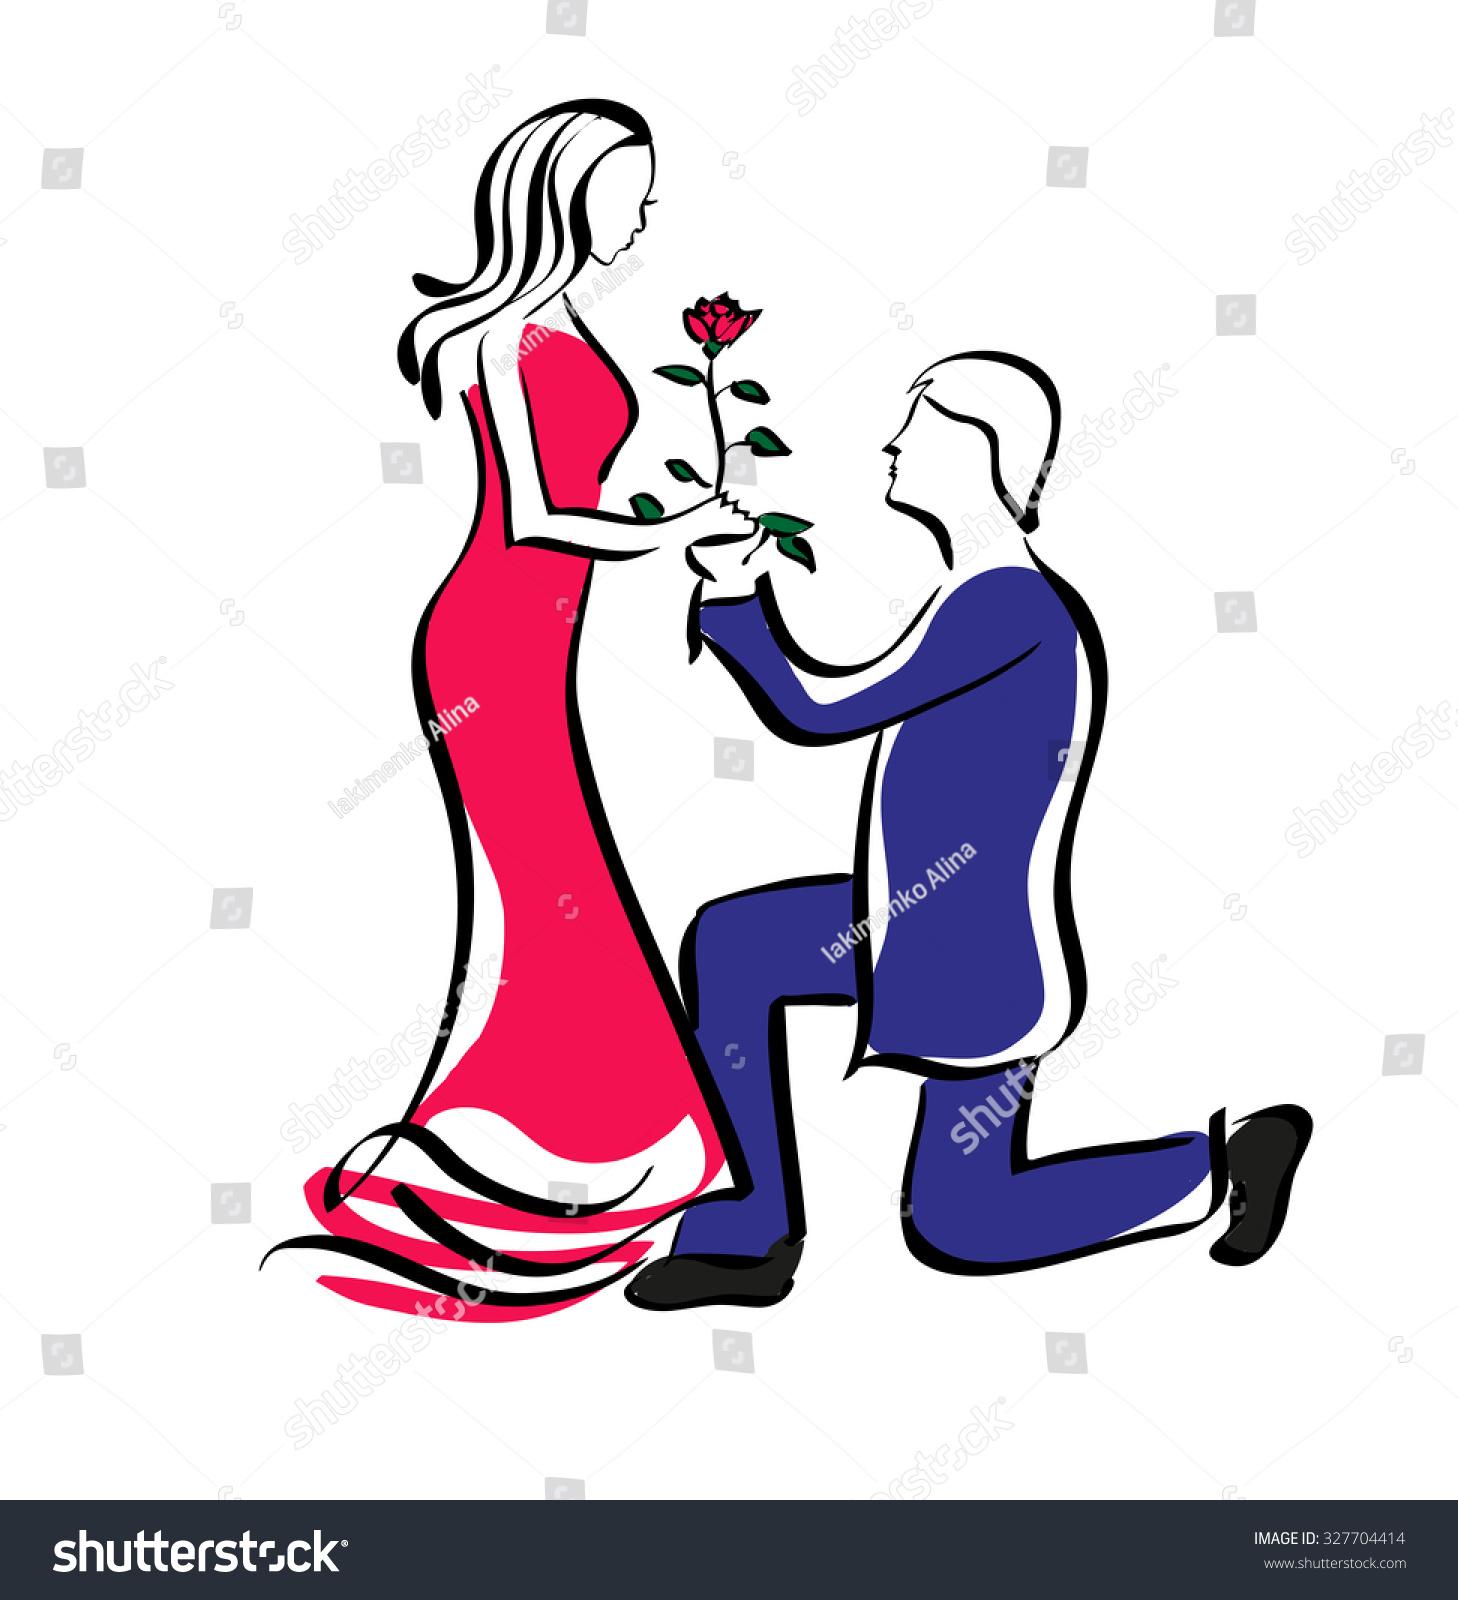 Dating sketch